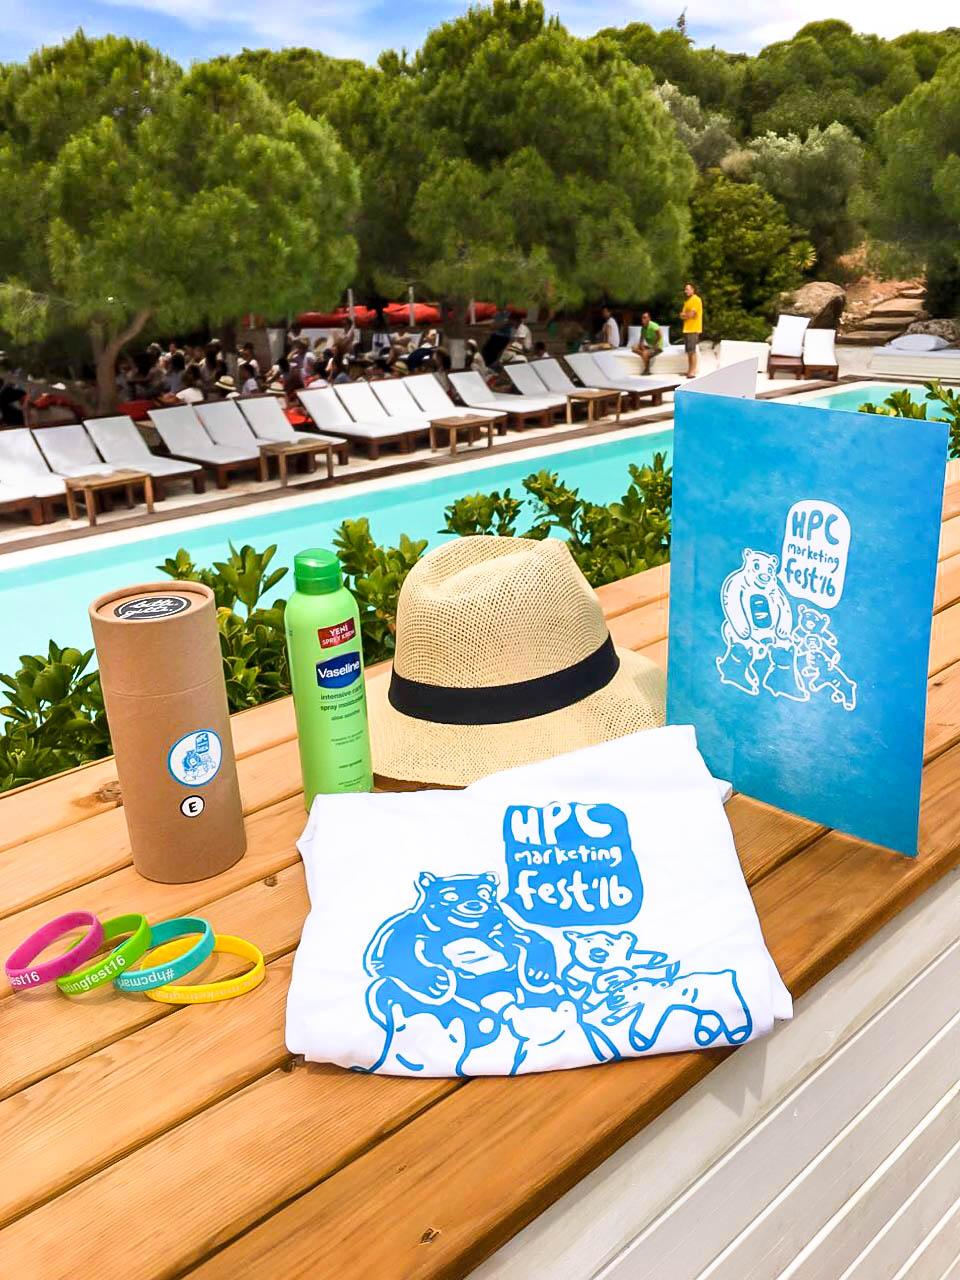 Unilever'in HPC Marketing Festivali için yapılan serigrafi baskılardan.